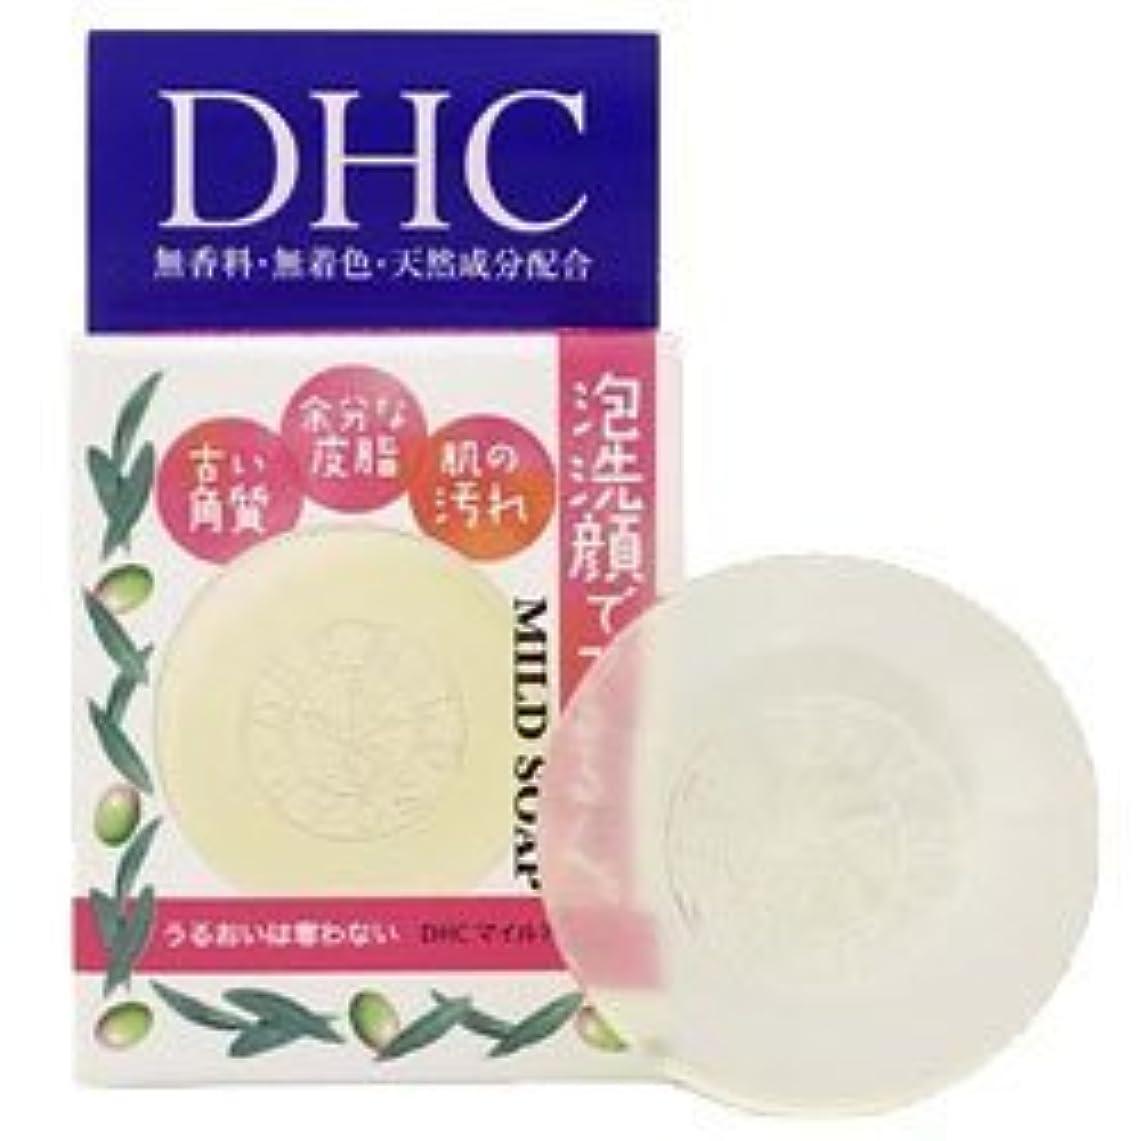 迅速運動イル【DHC】DHC マイルドソープ(SS) 35g ×5個セット